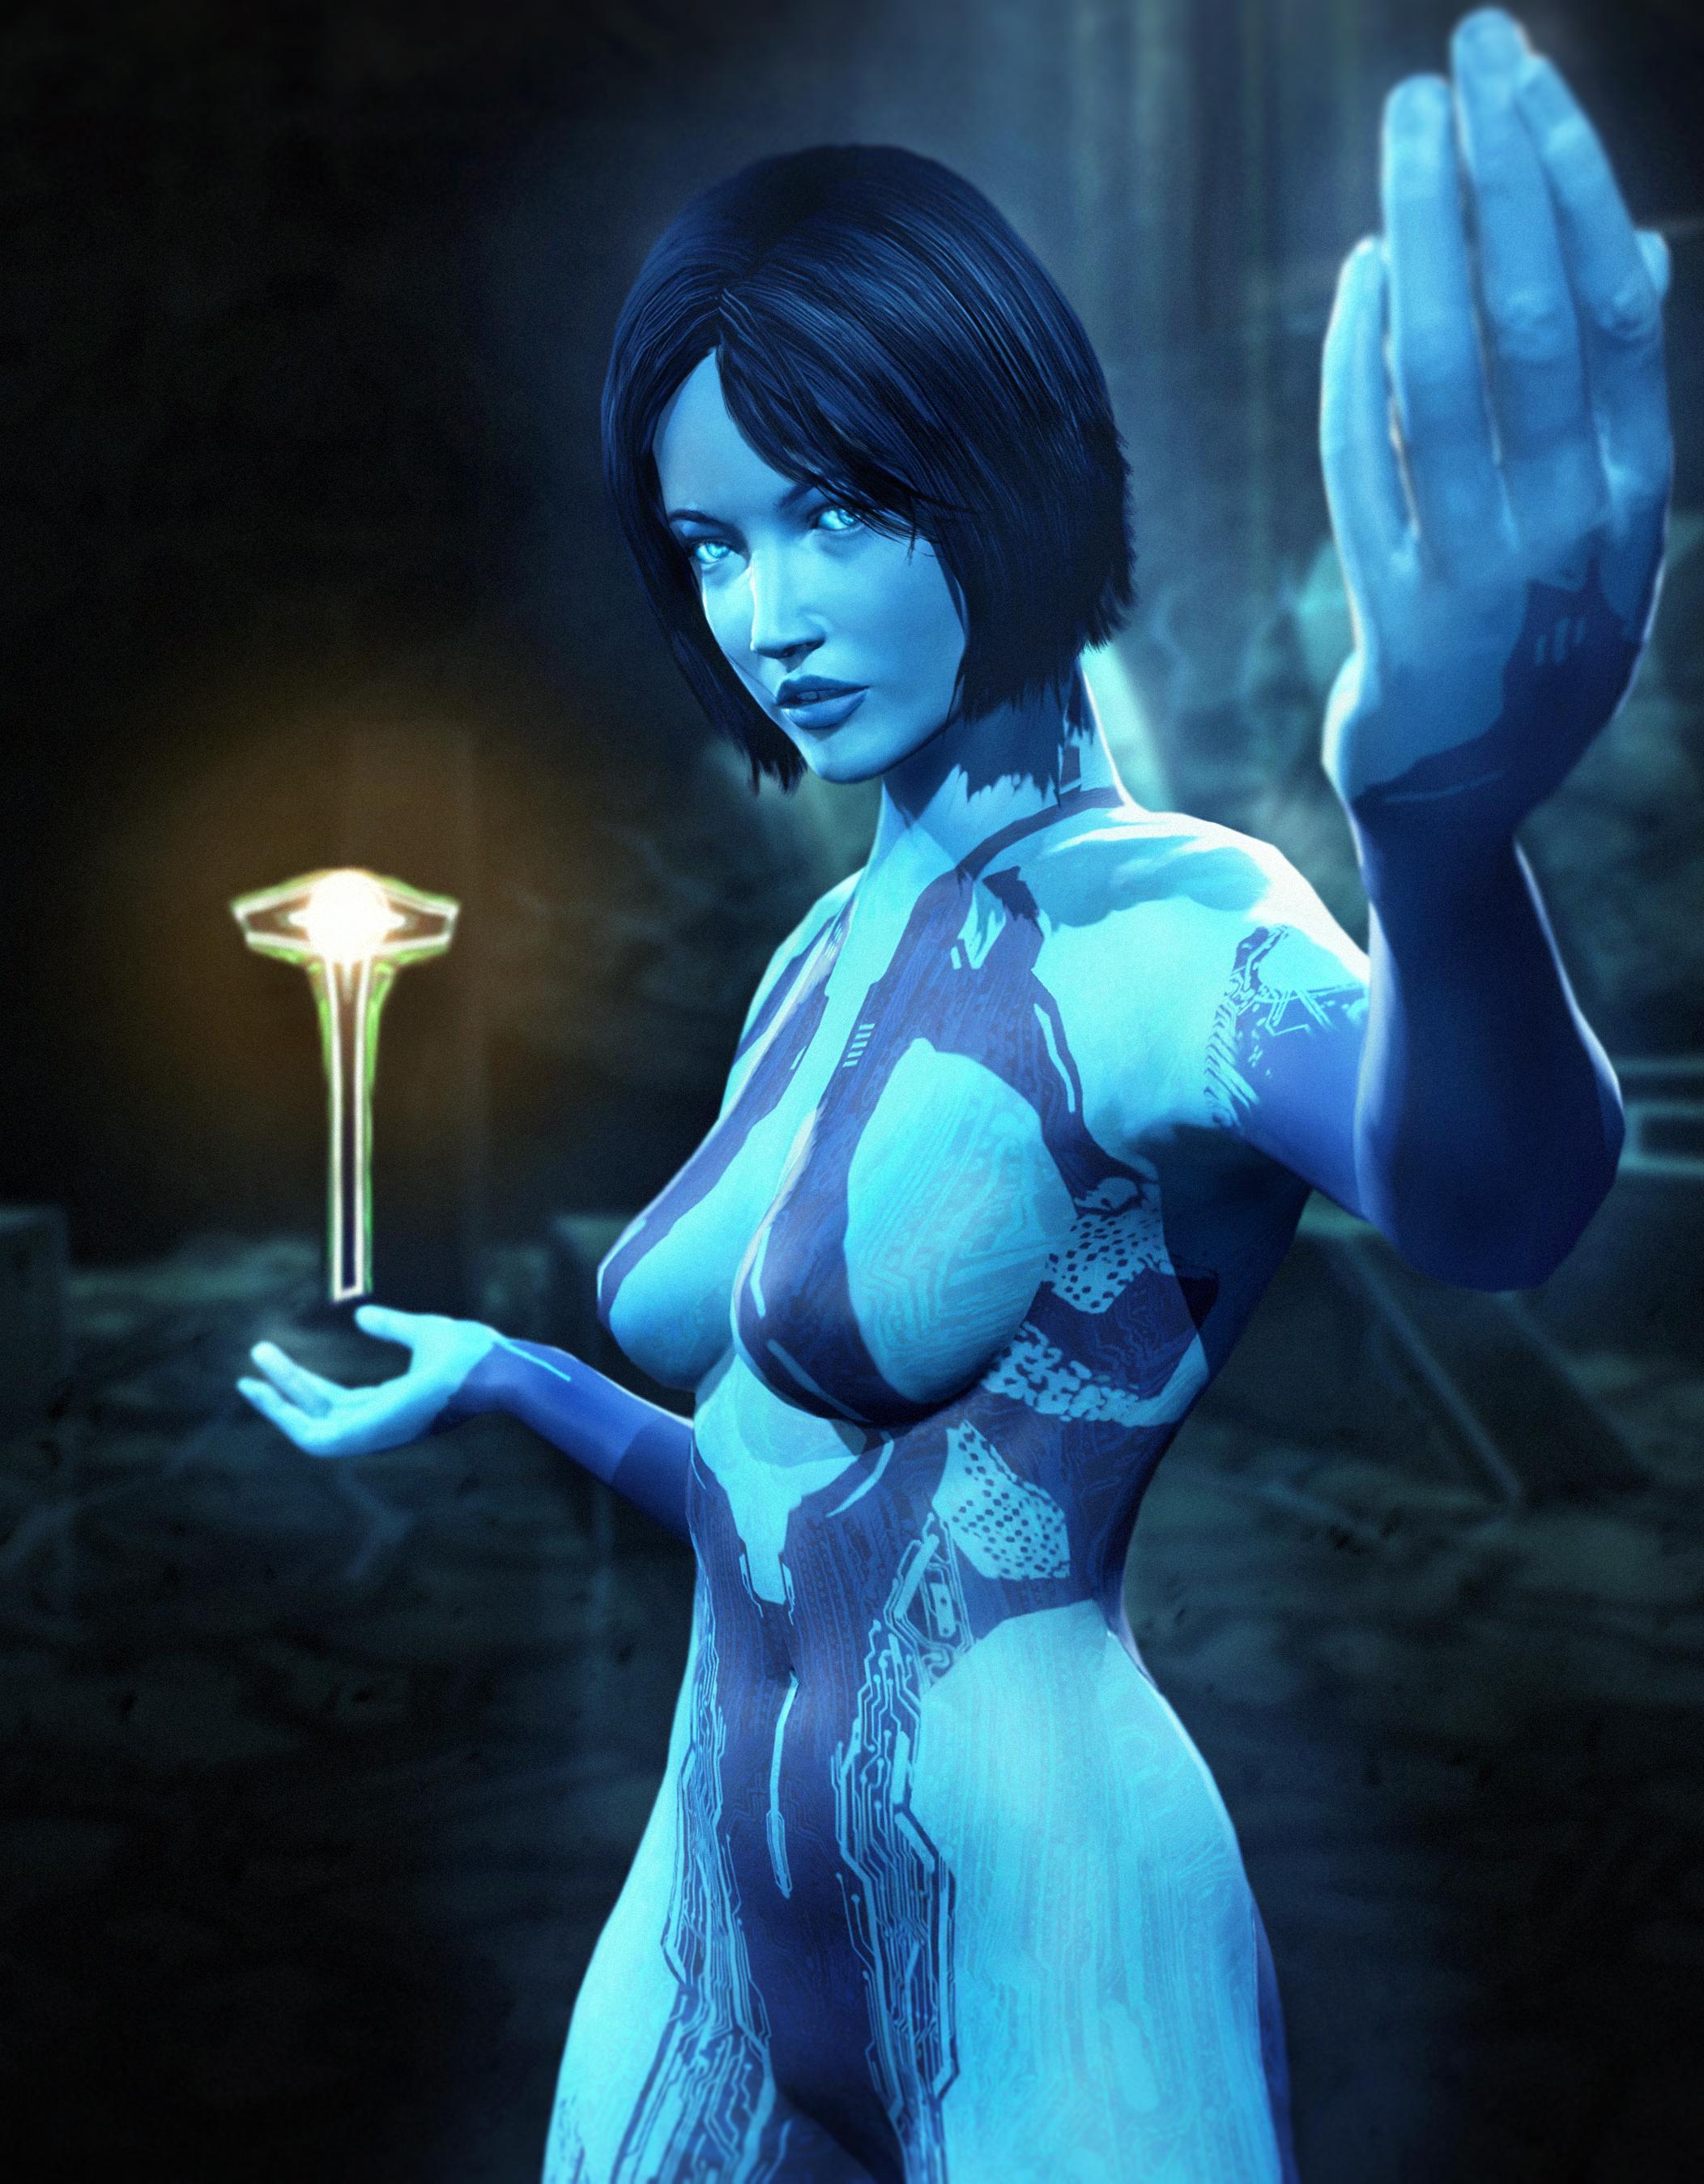 Halo 2 cortana nude adult photo